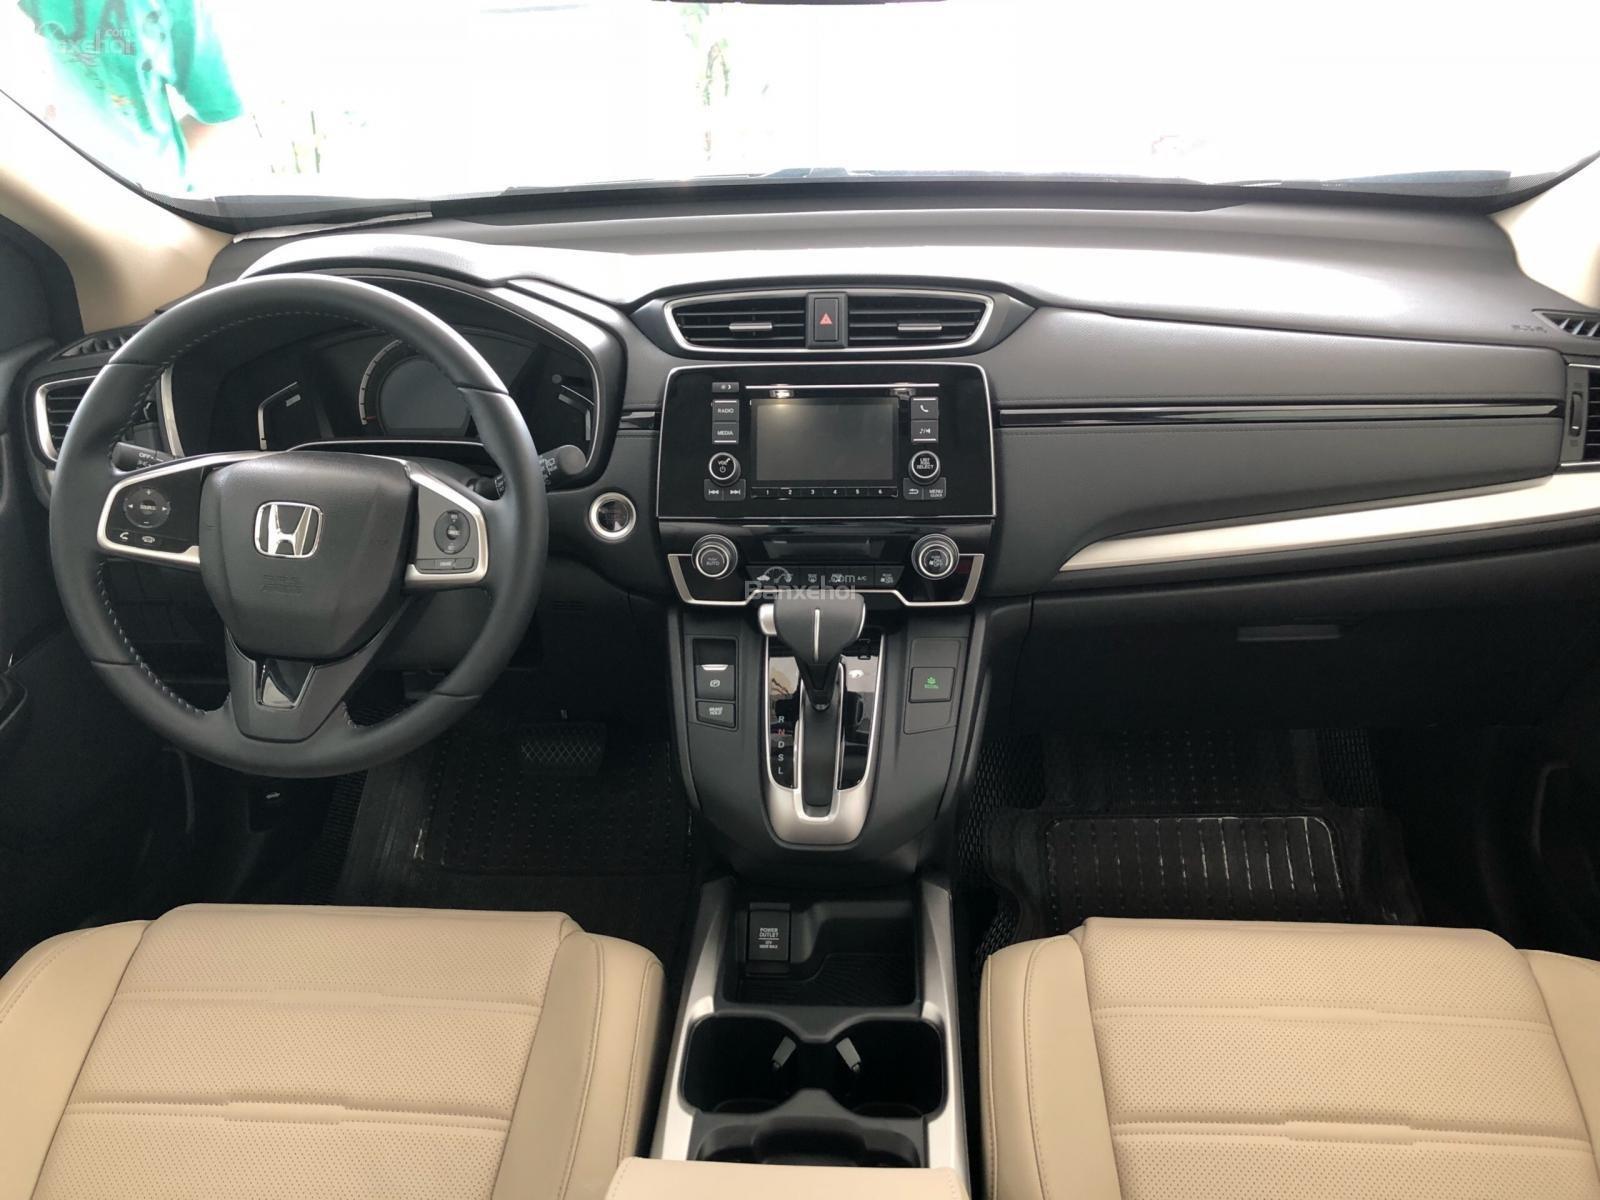 Bán Honda CRV E 2019, còn vài xe giao liền, khuyến mãi khủng 20Tr tiền mặt, chỉ cần 260Tr nhận xe đủ chi phí-1